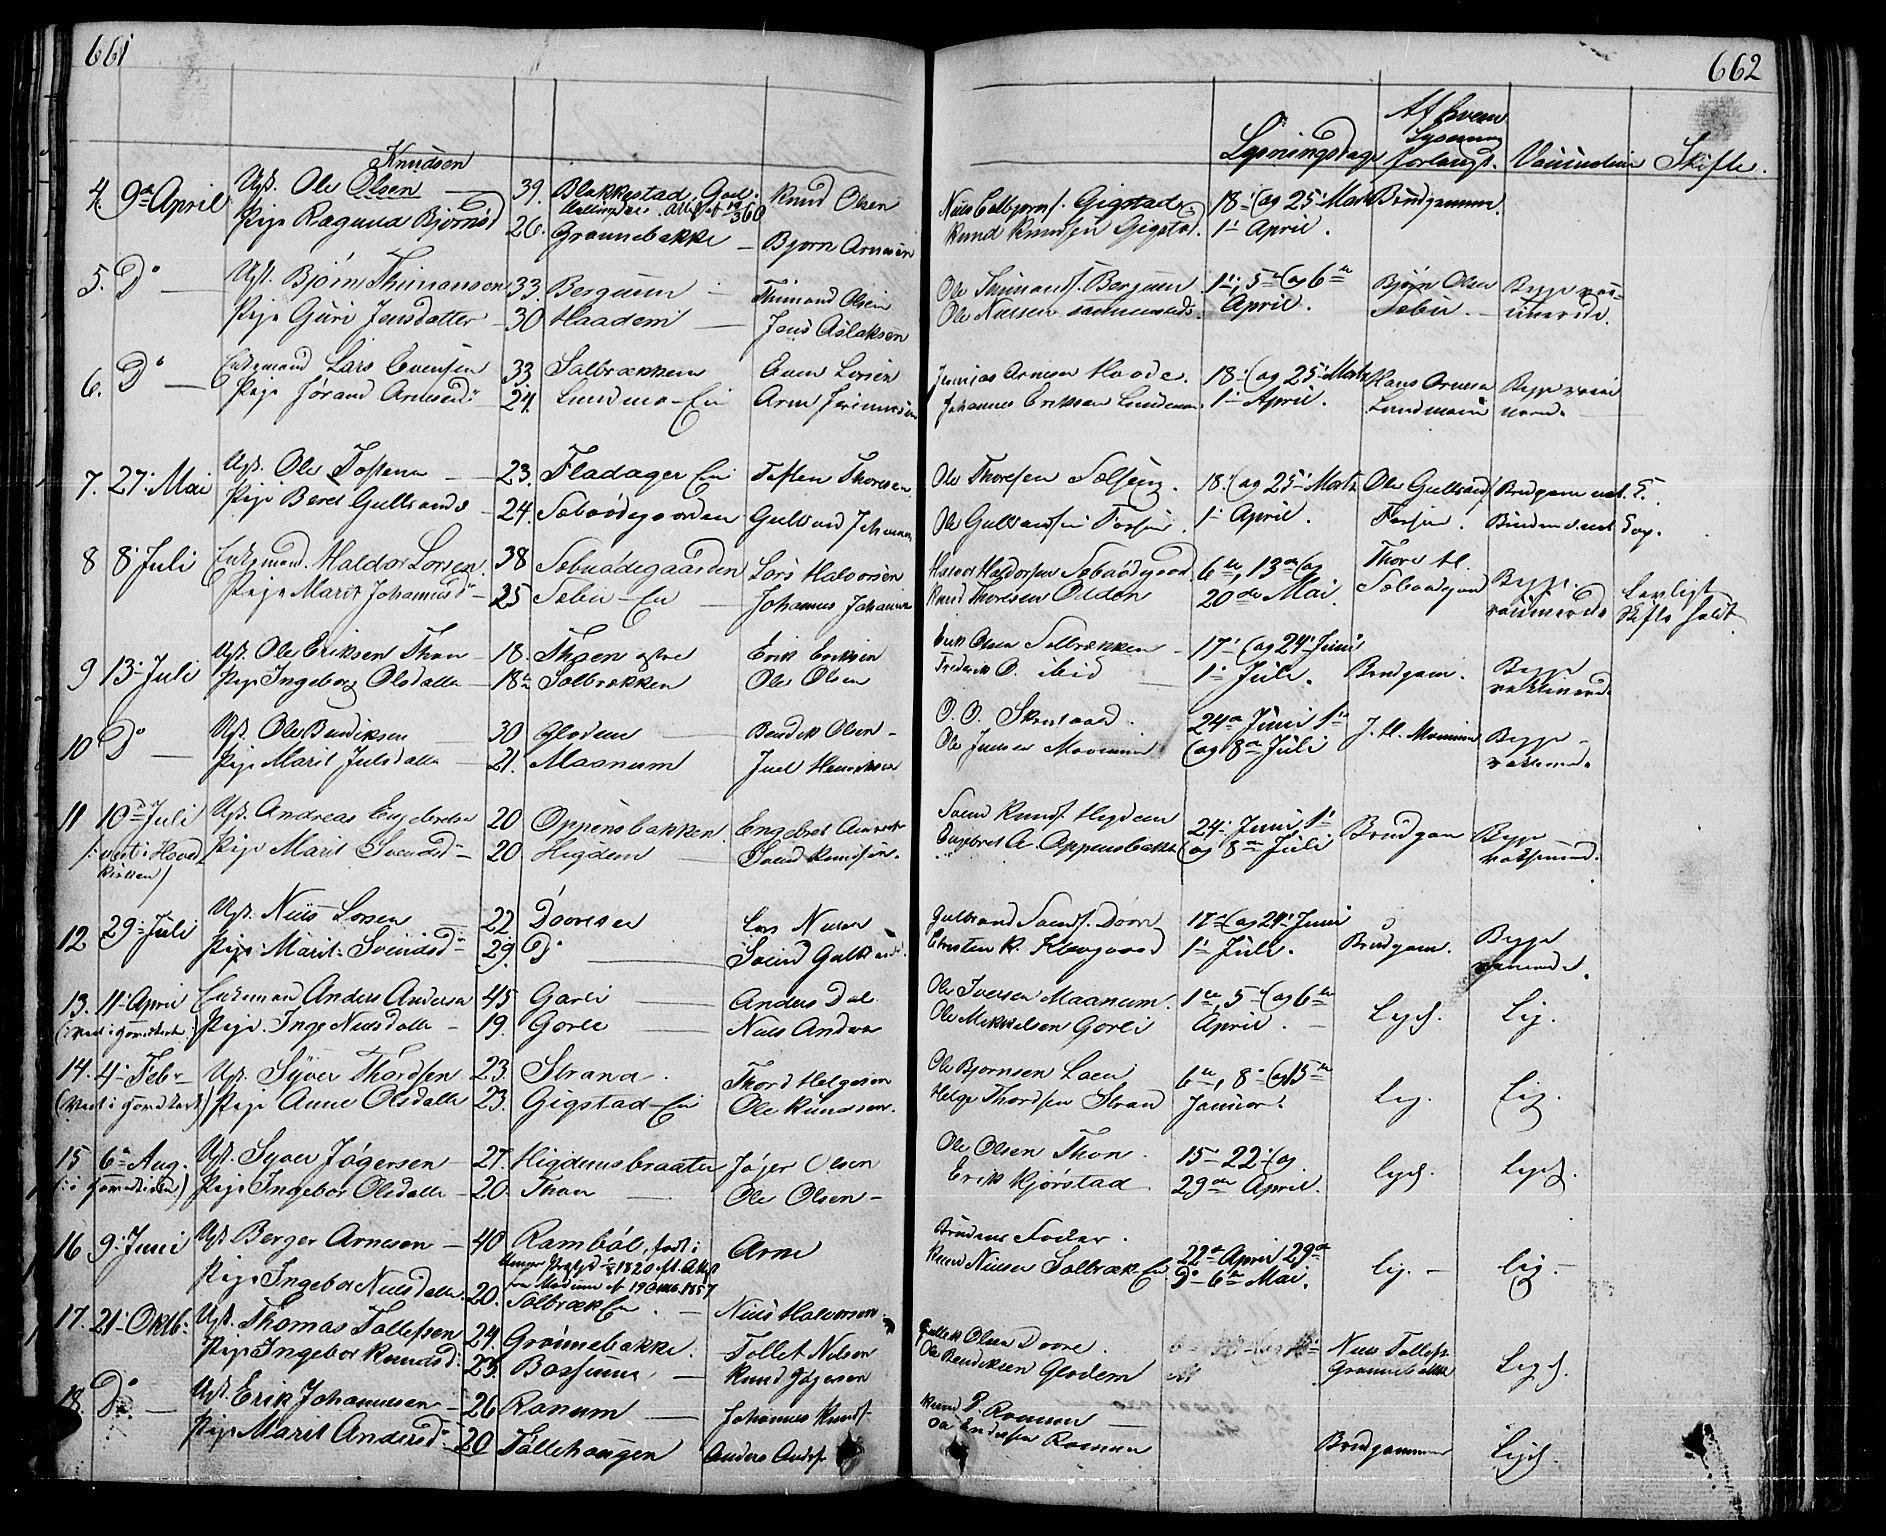 SAH, Nord-Aurdal prestekontor, Klokkerbok nr. 1, 1834-1887, s. 661-662